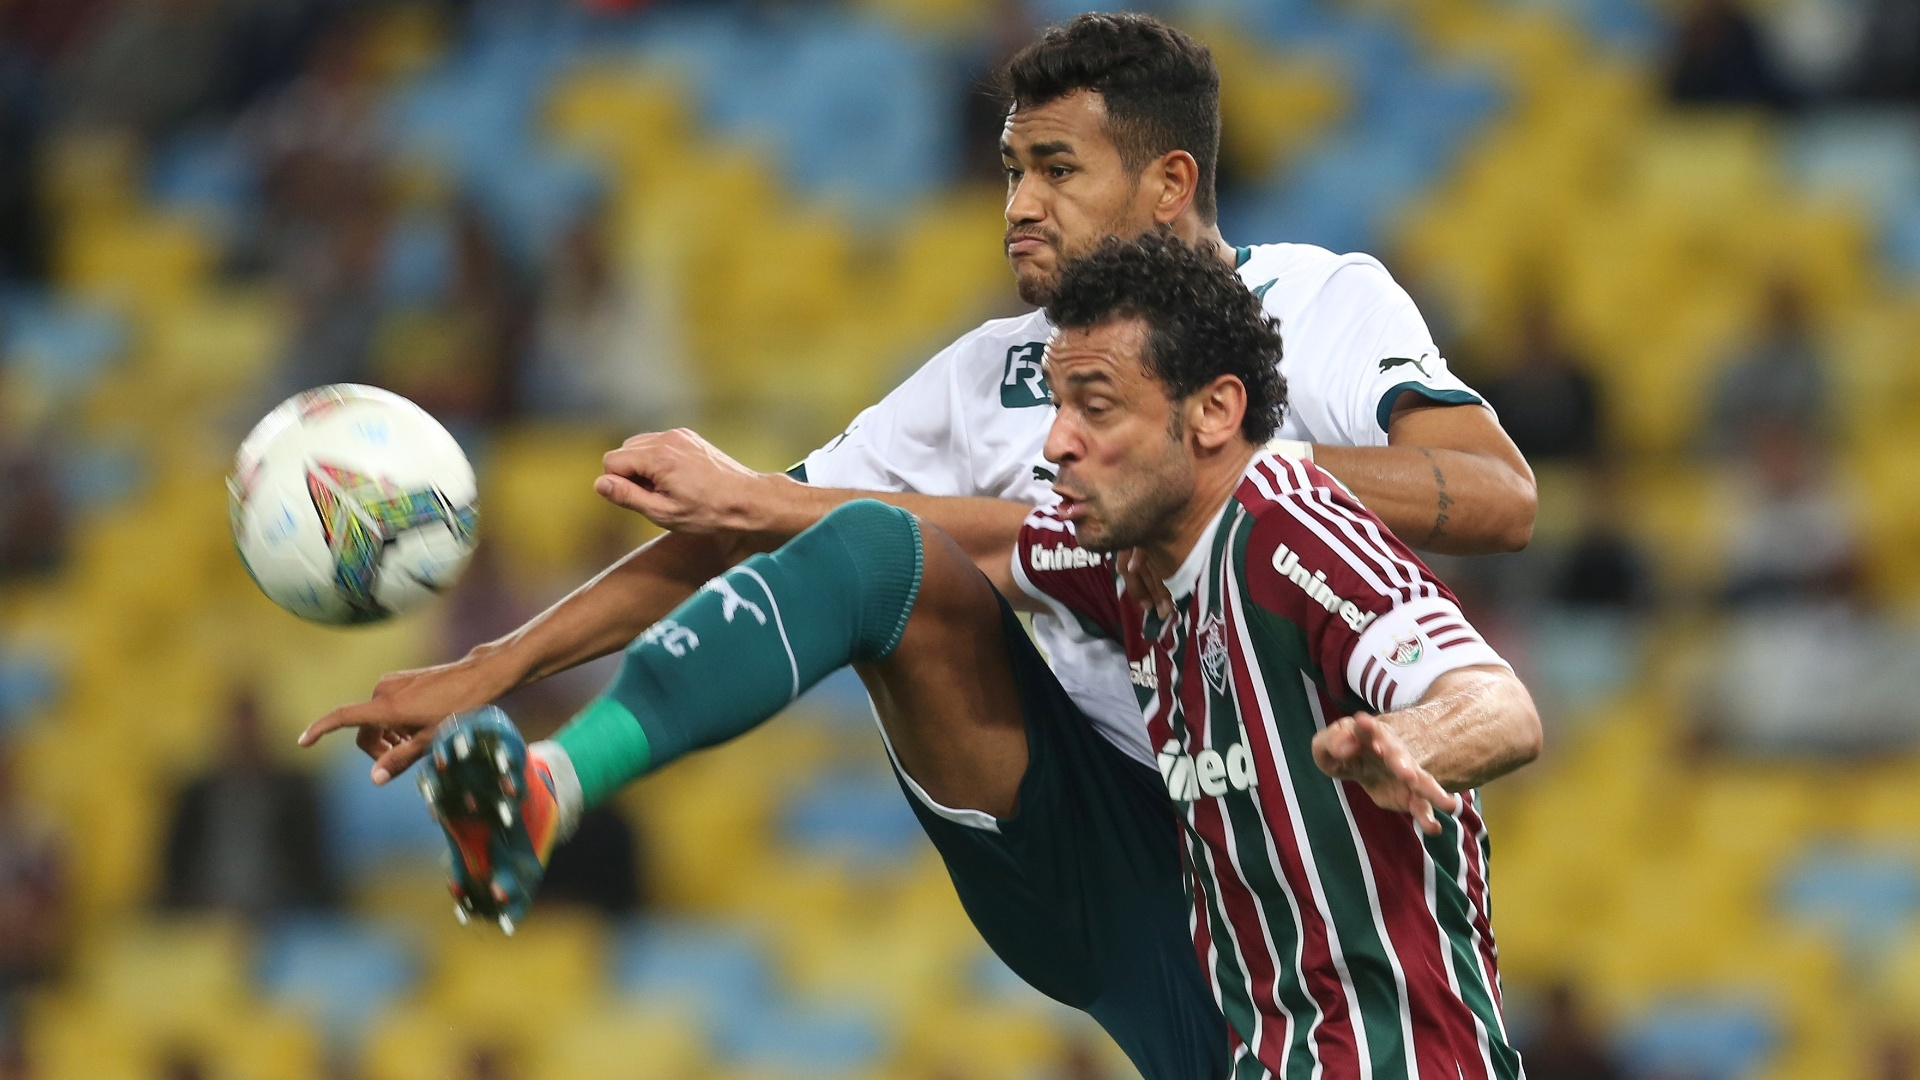 Fred disputa bola com jogador do Goiás em duelo do Fluminense pela Sul-Americana